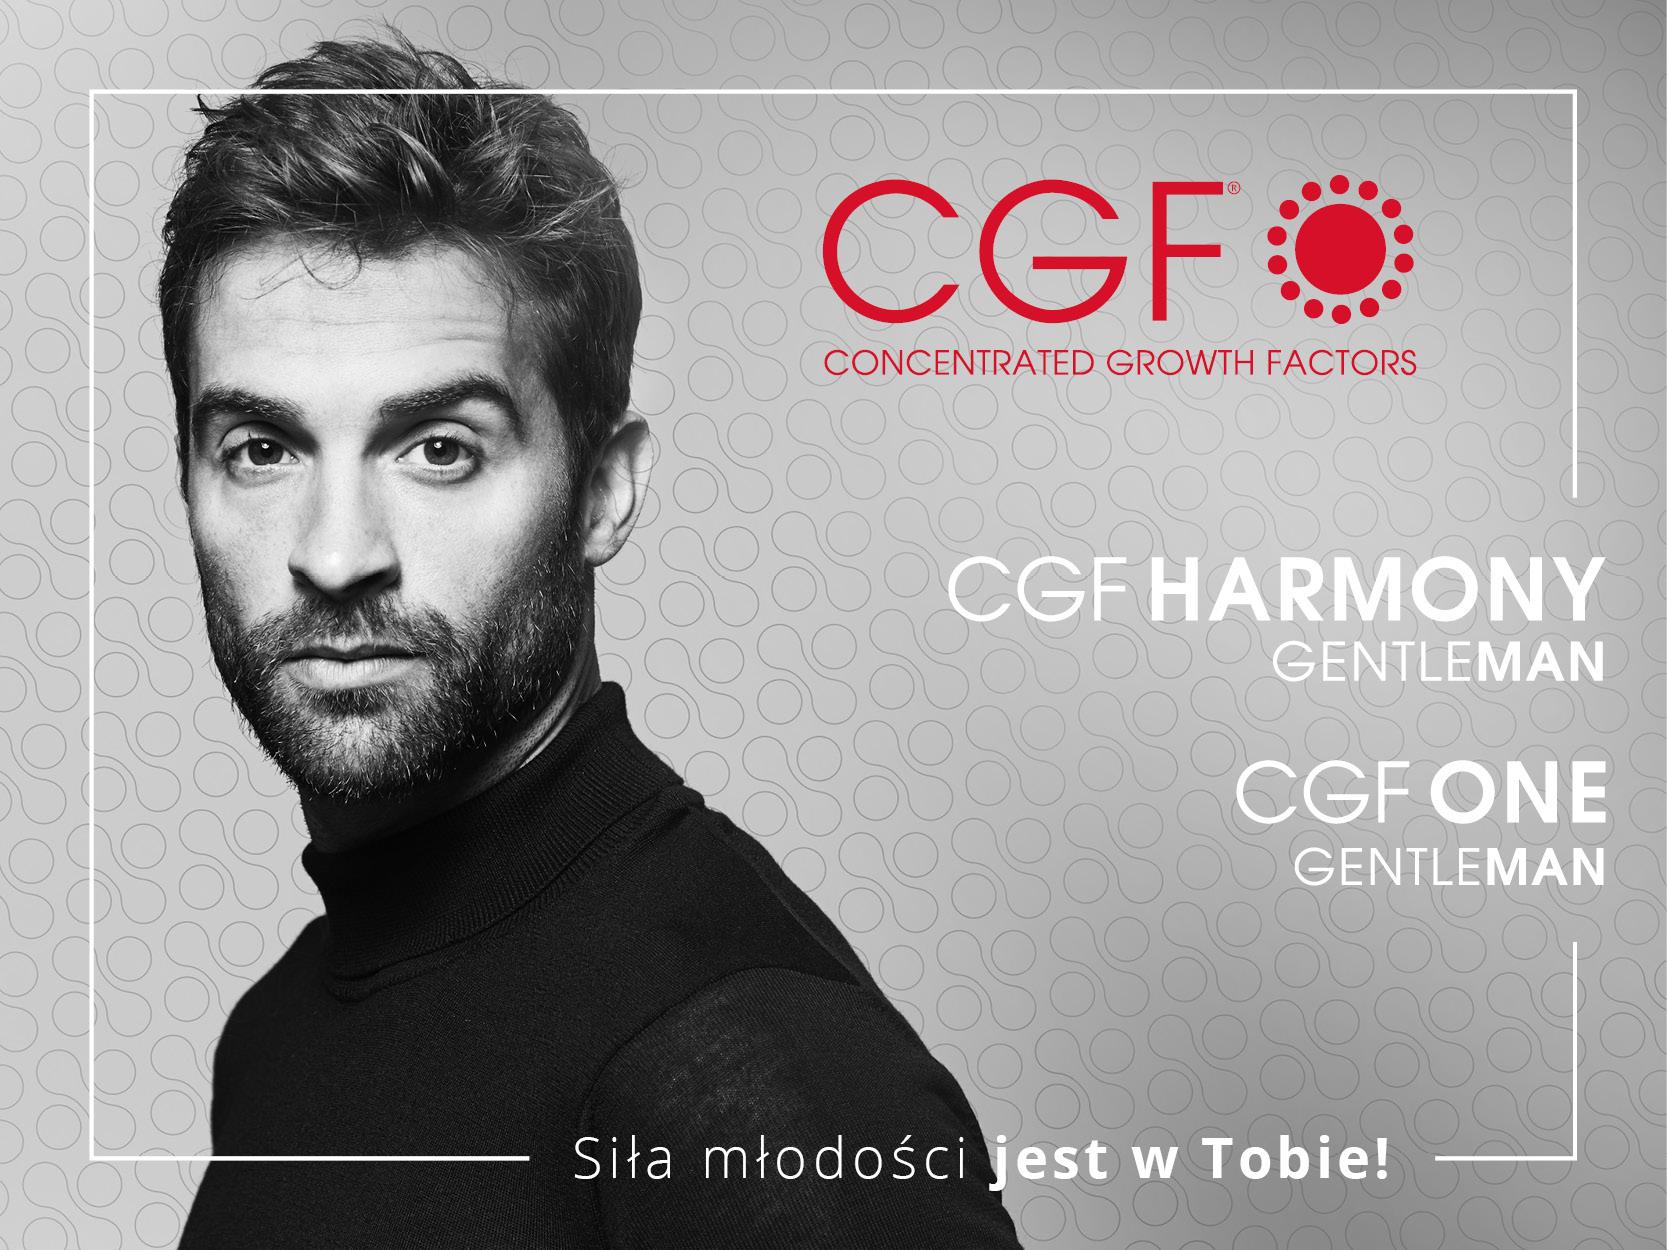 BANERY-CGF-_gentleman4